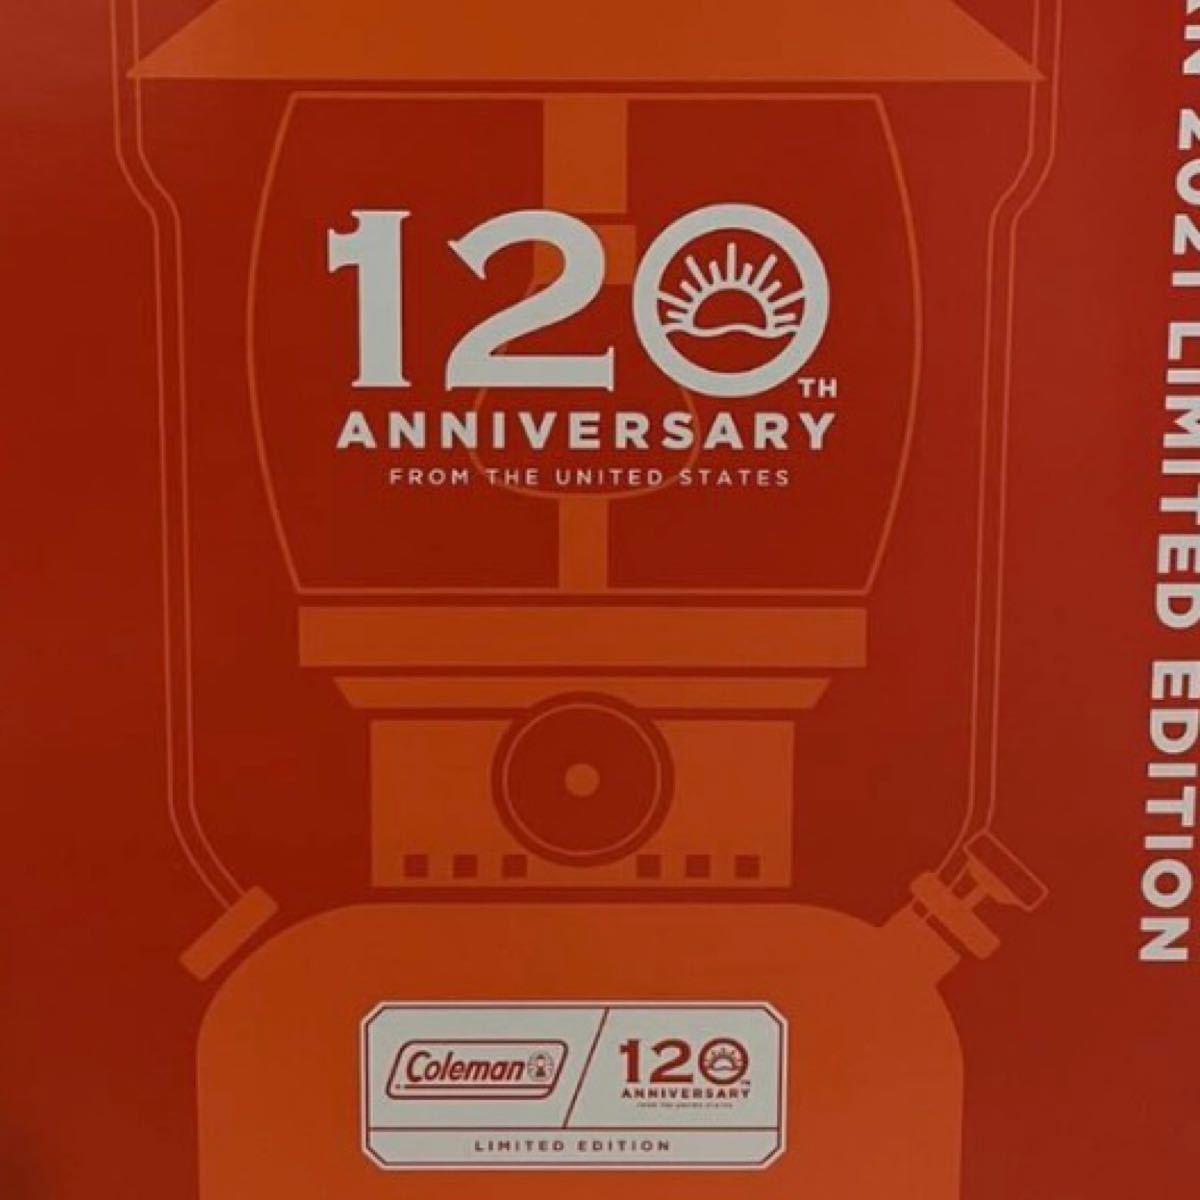 コールマン 120周年 ランタン120thアニバーサリー シーズンランタン 2021 Coleman シーズンズランタン